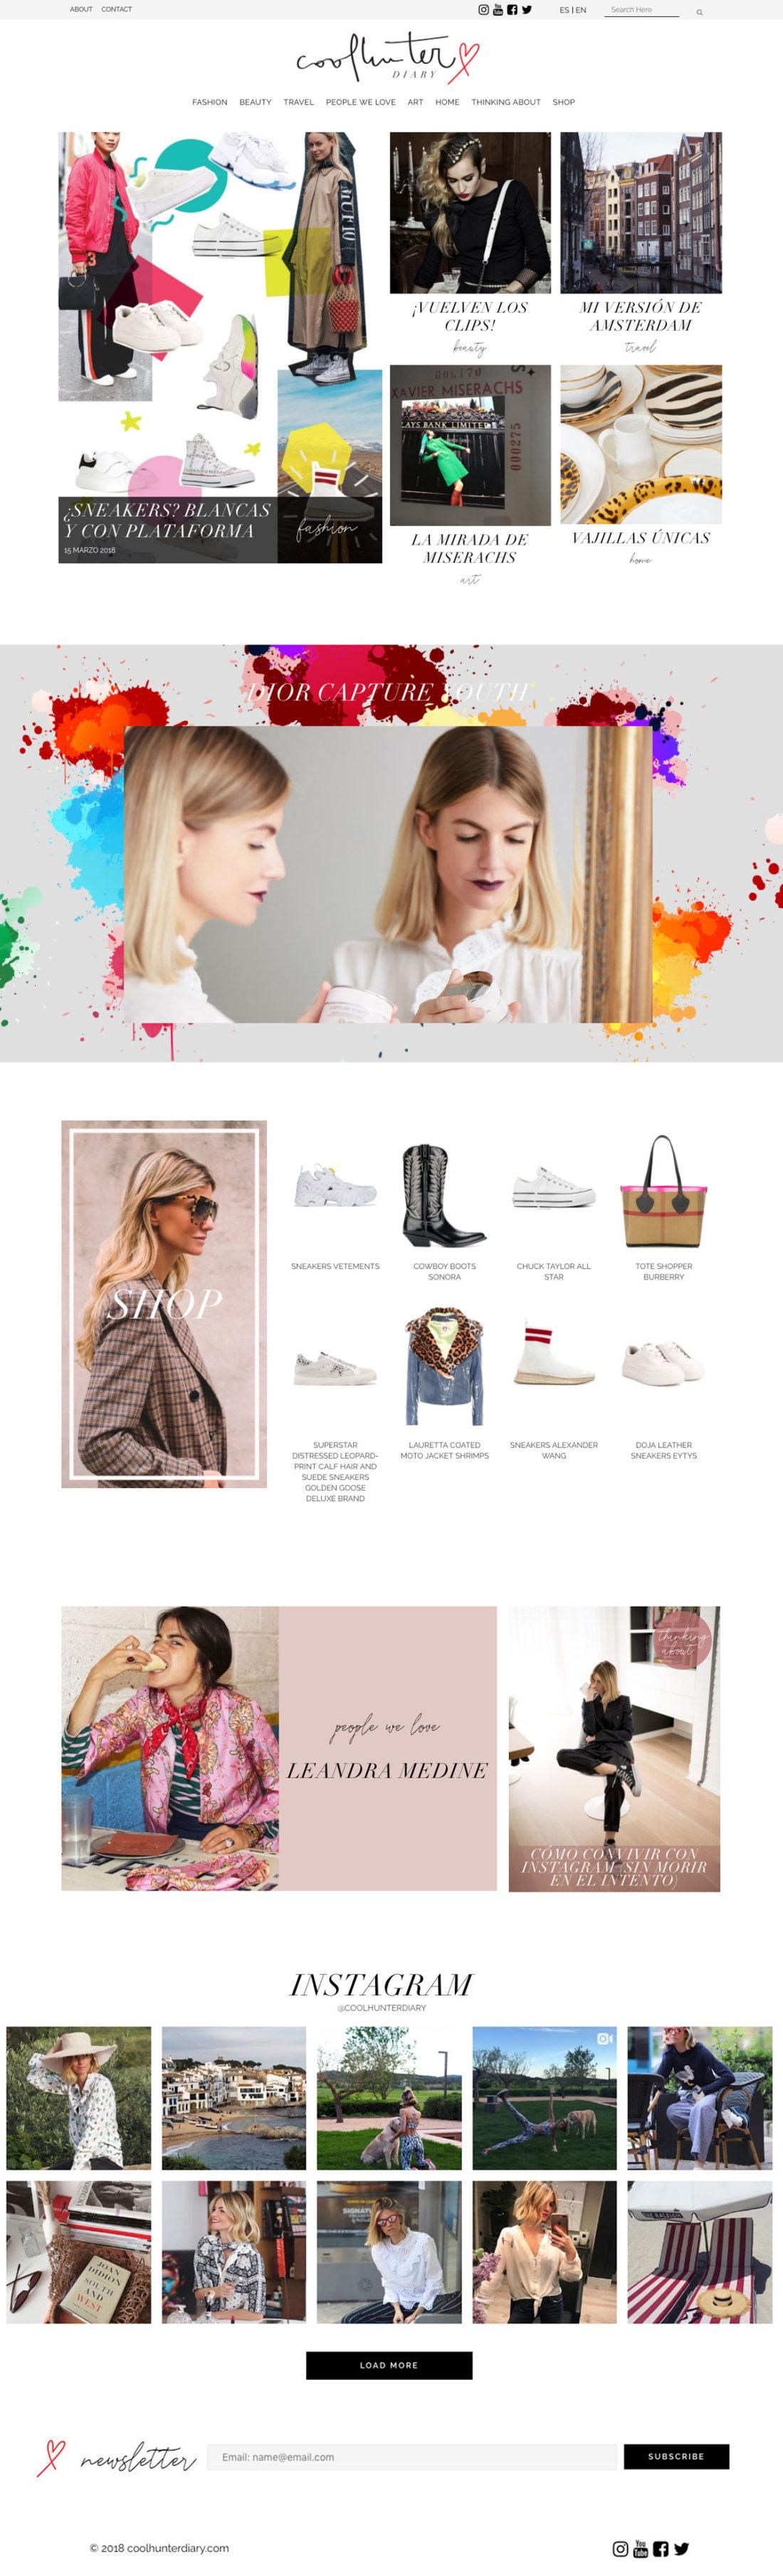 Coolhunter Diary ★ Web de moda y tendencias ★ Website